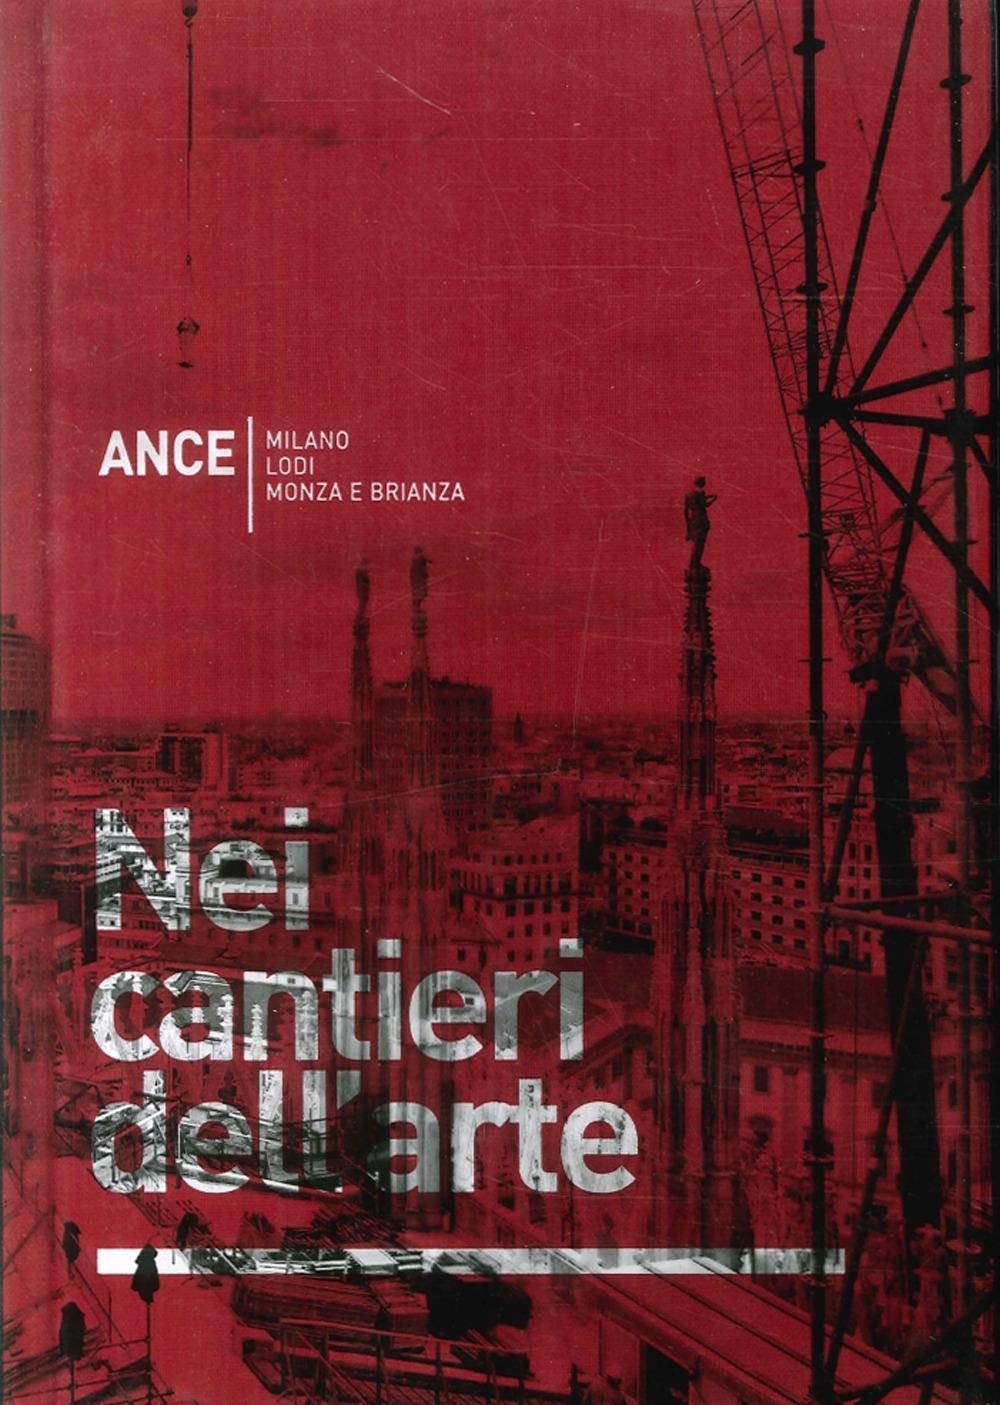 Nei Cantieri Dell'Arte. Ance. Milano Lodi Monza e Brianza